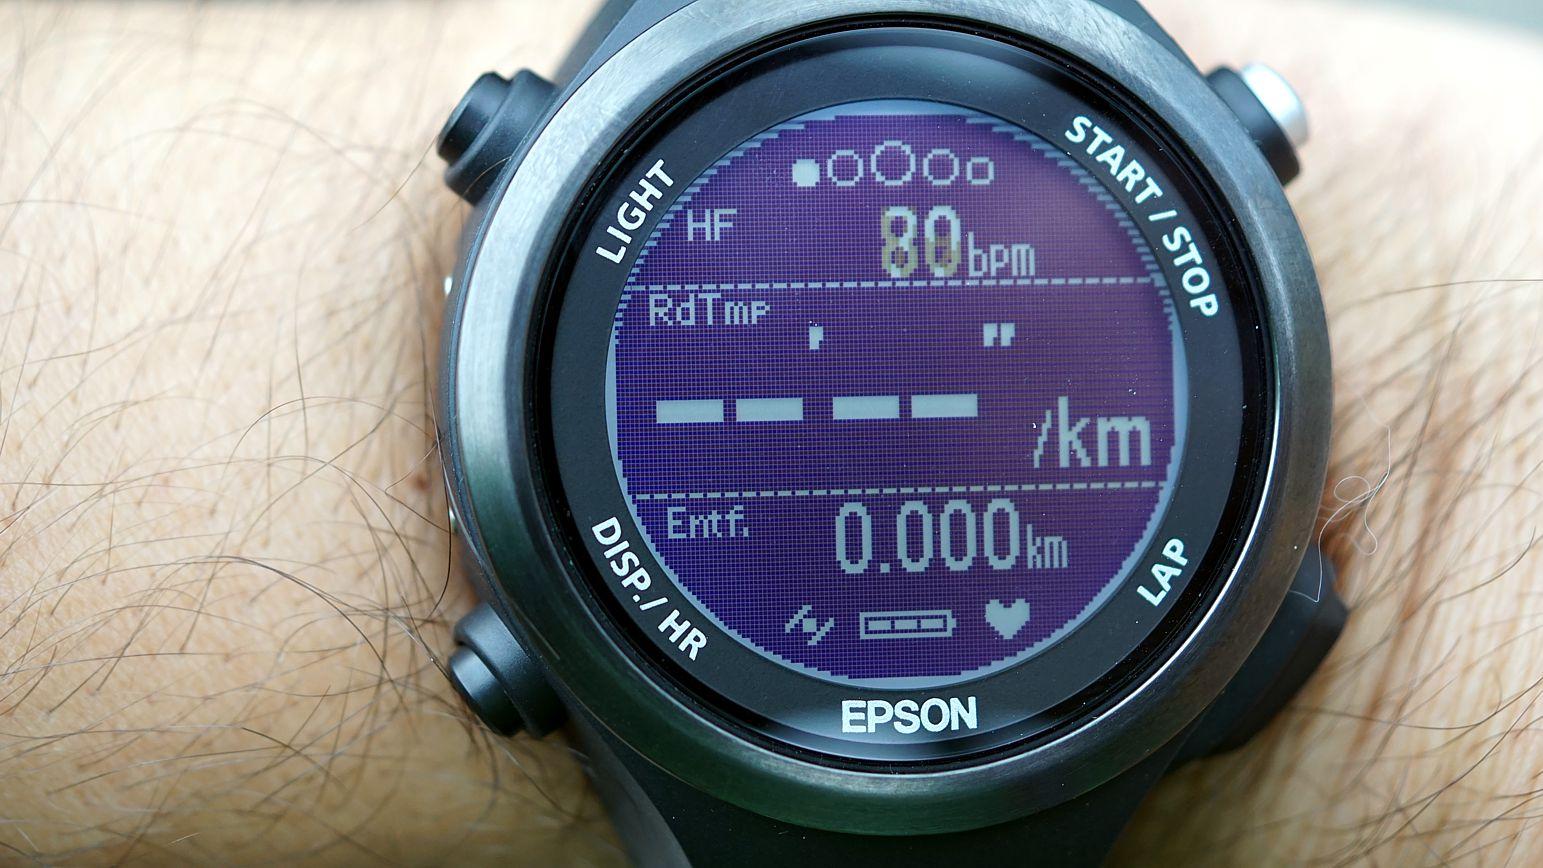 Bis zu 20 Stunden soll der Akku bei paralleler Nutzung von GPS und optischem HF-Messer halten.